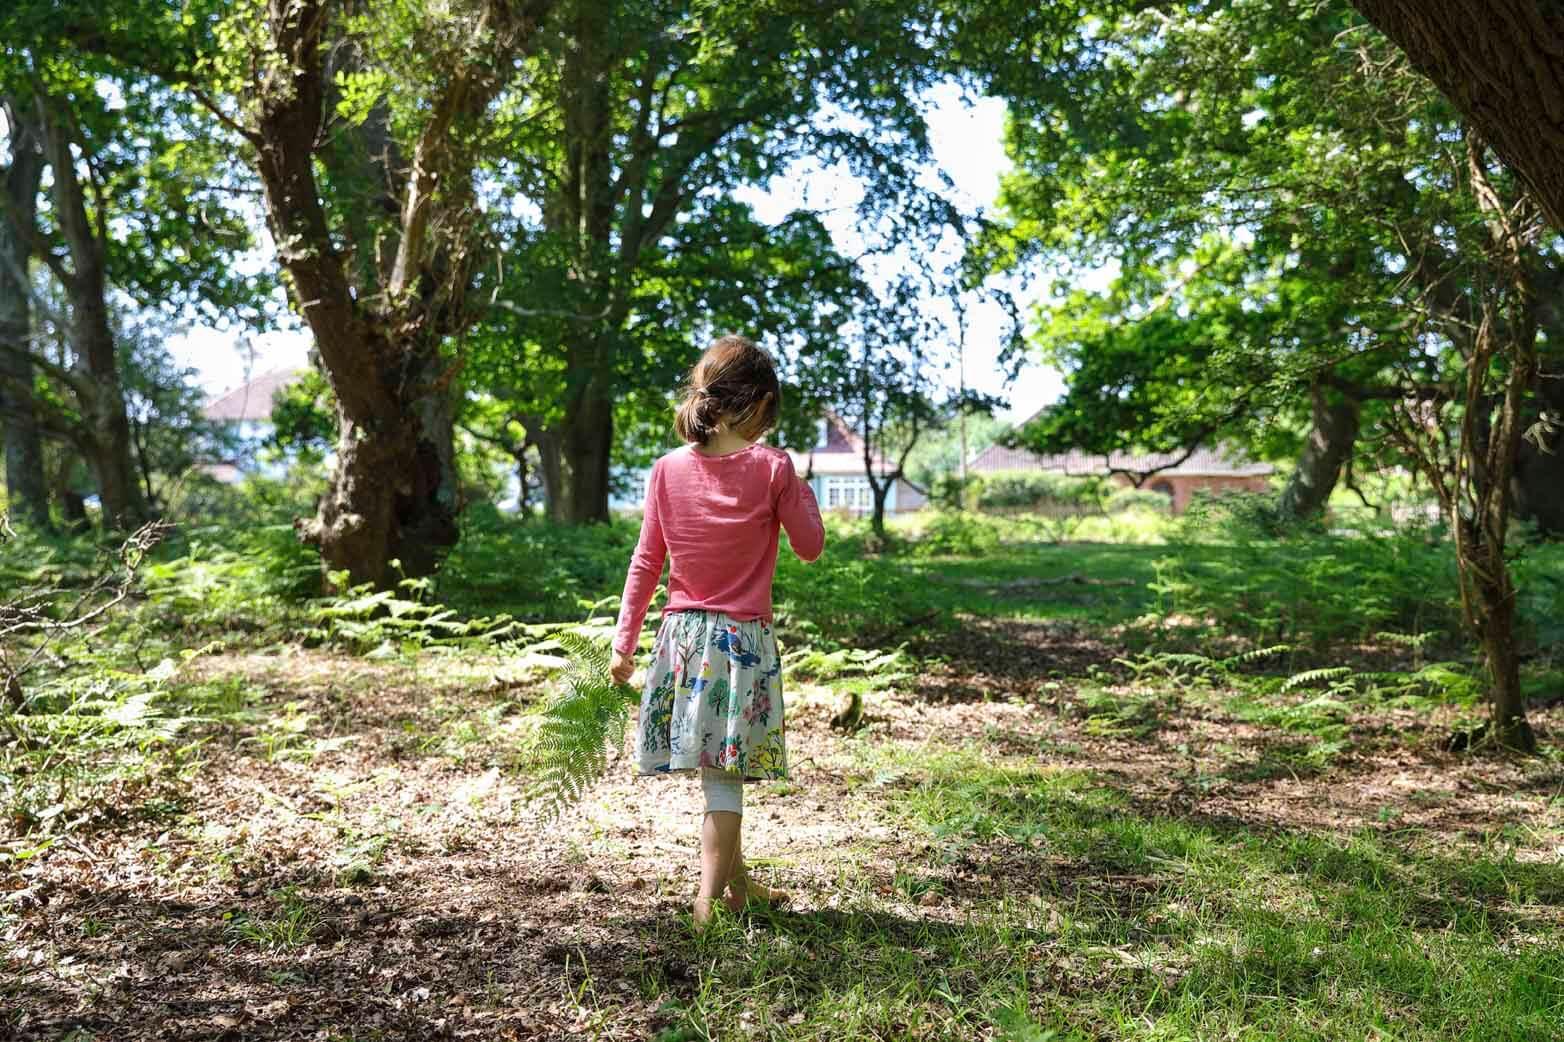 Dappled forest child walking